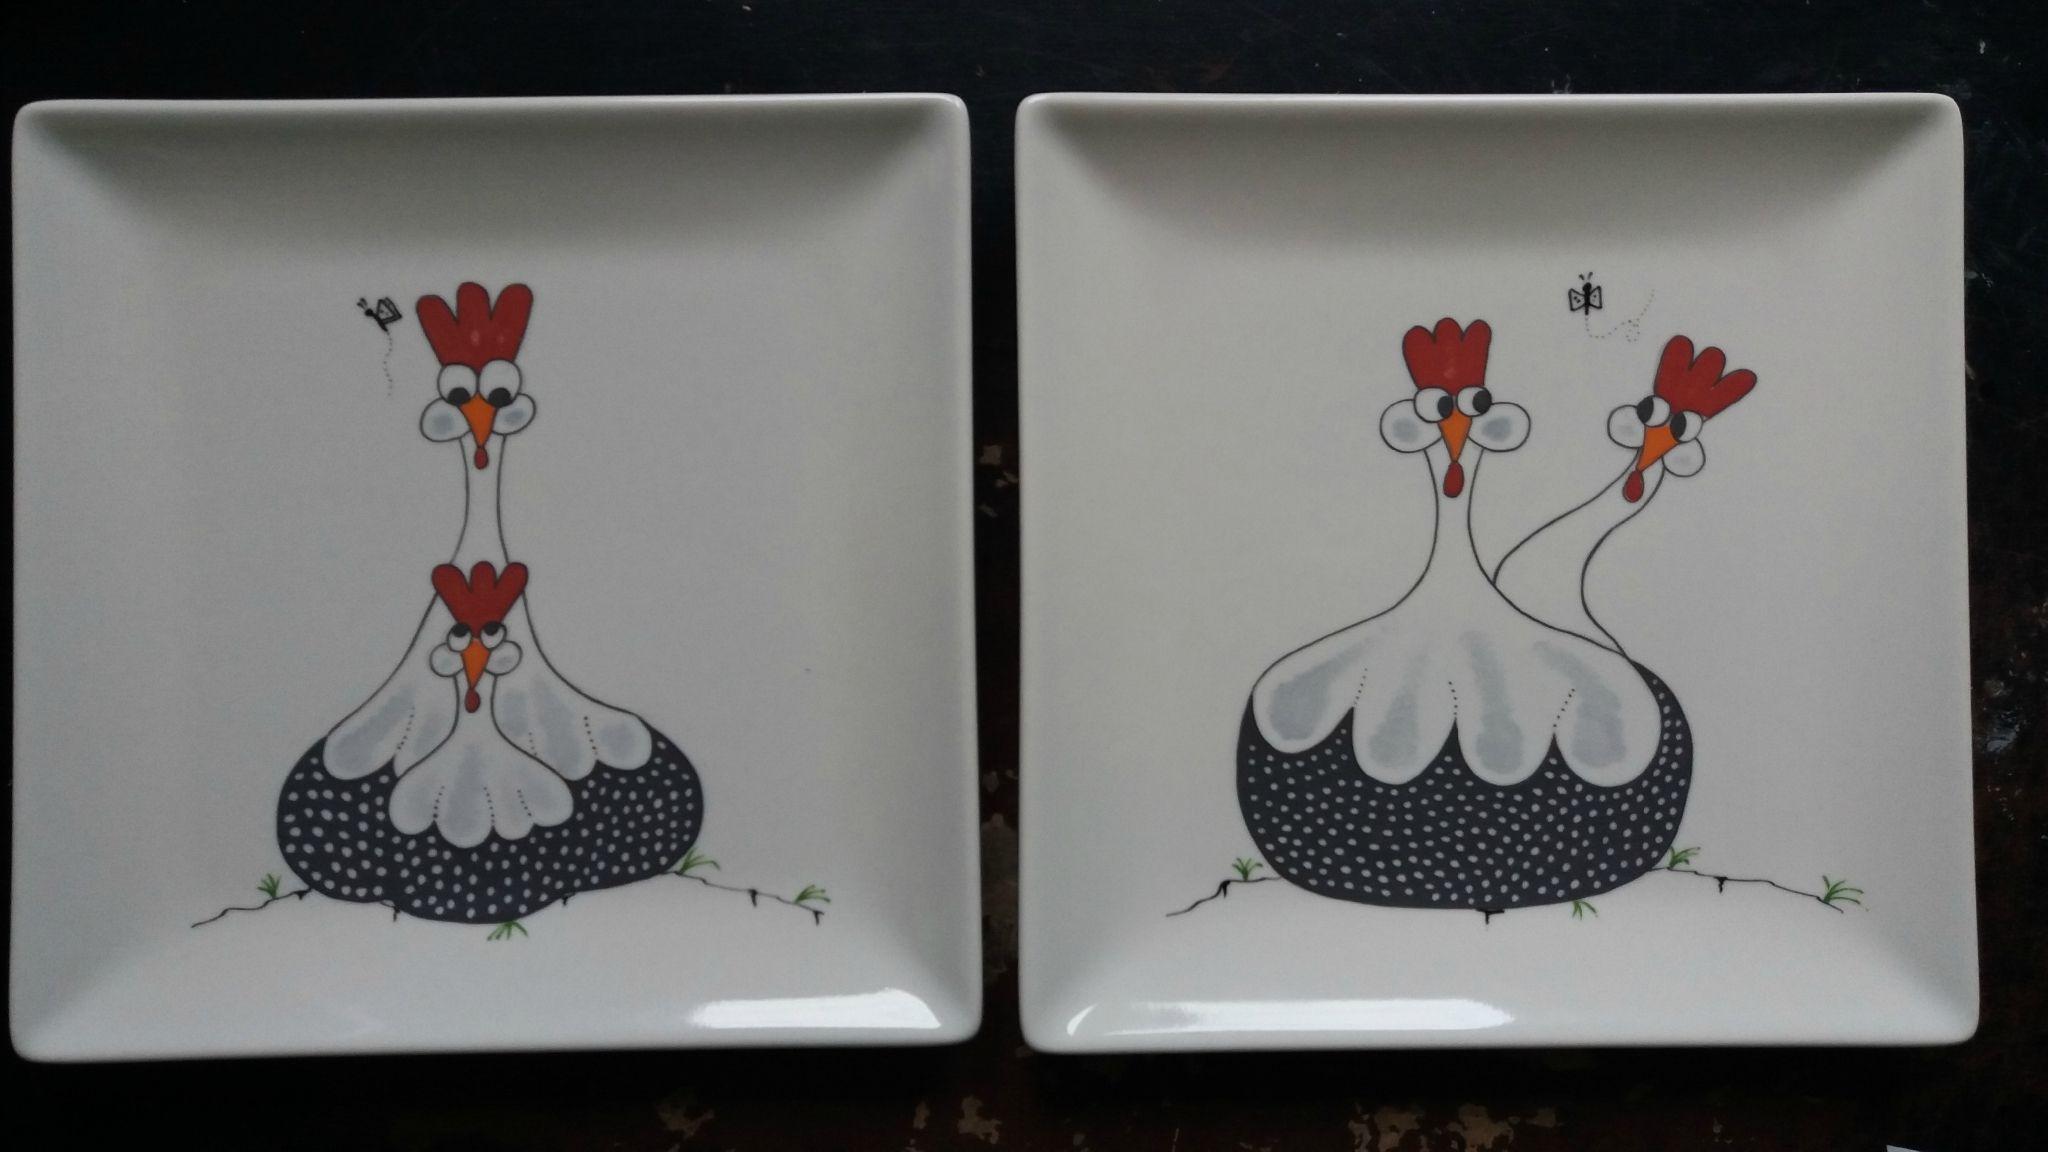 Tuto Peinture Sur Porcelaine les porcelaines de coco | porcelaine, oiseaux en vitraux